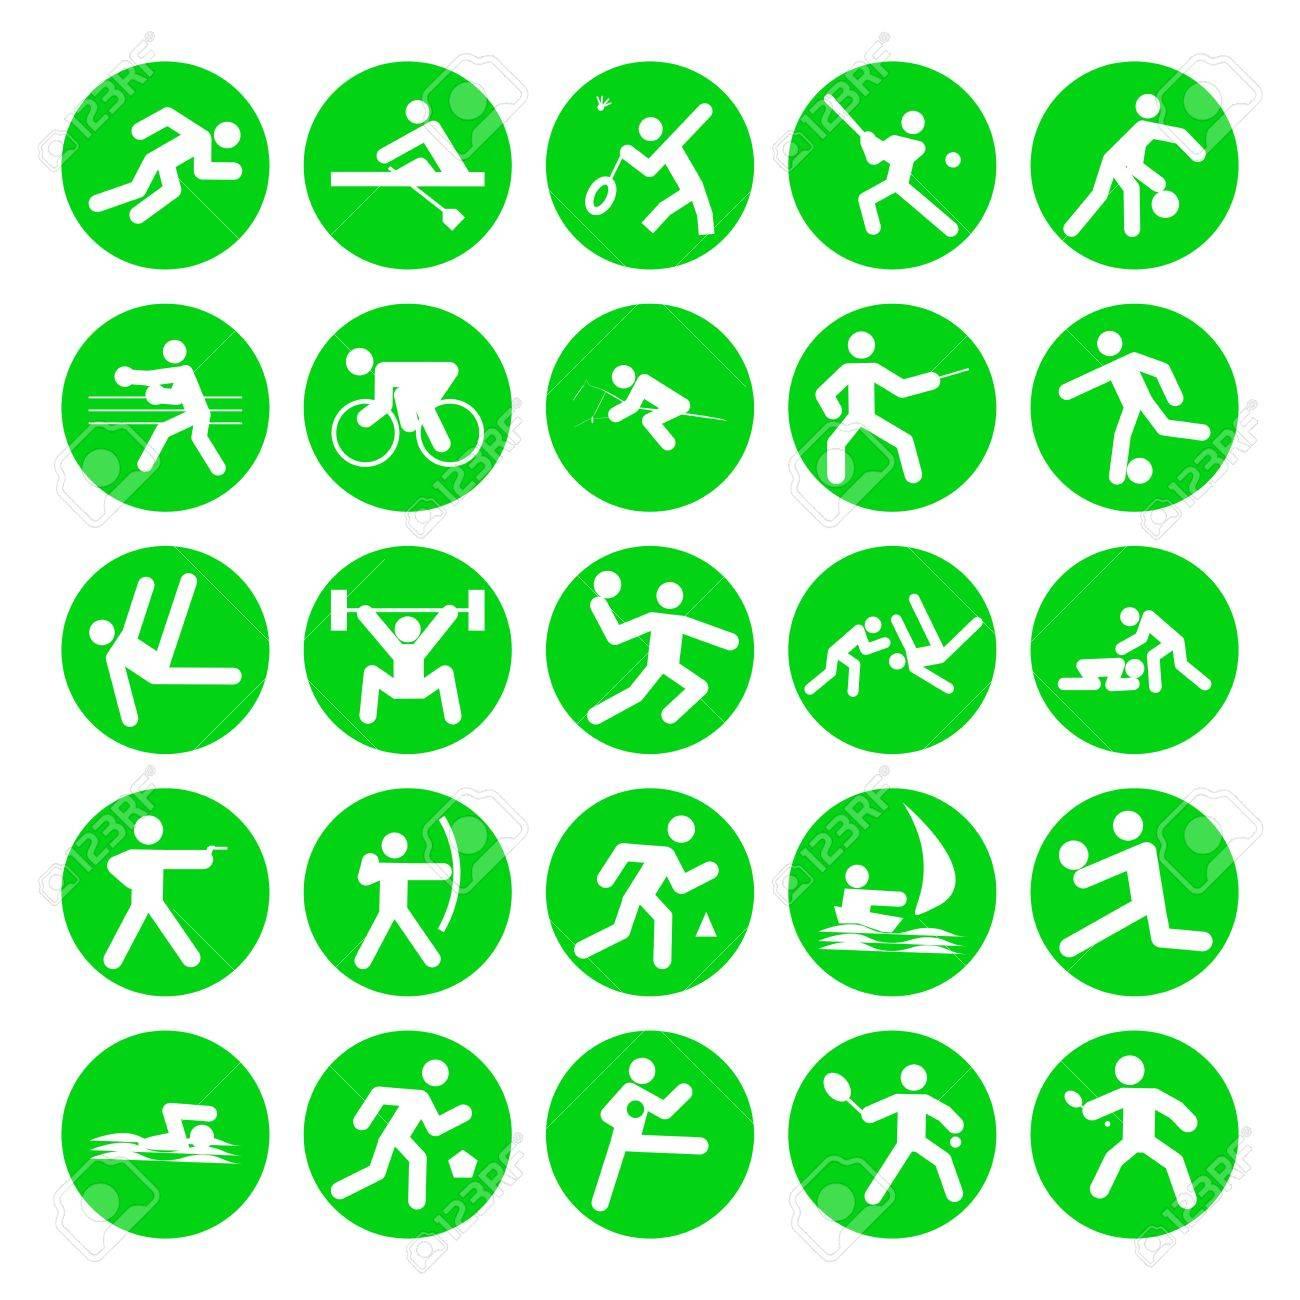 Logos De Deportes Juegos Olimpicos Sobre Fondo Blanco Fotos